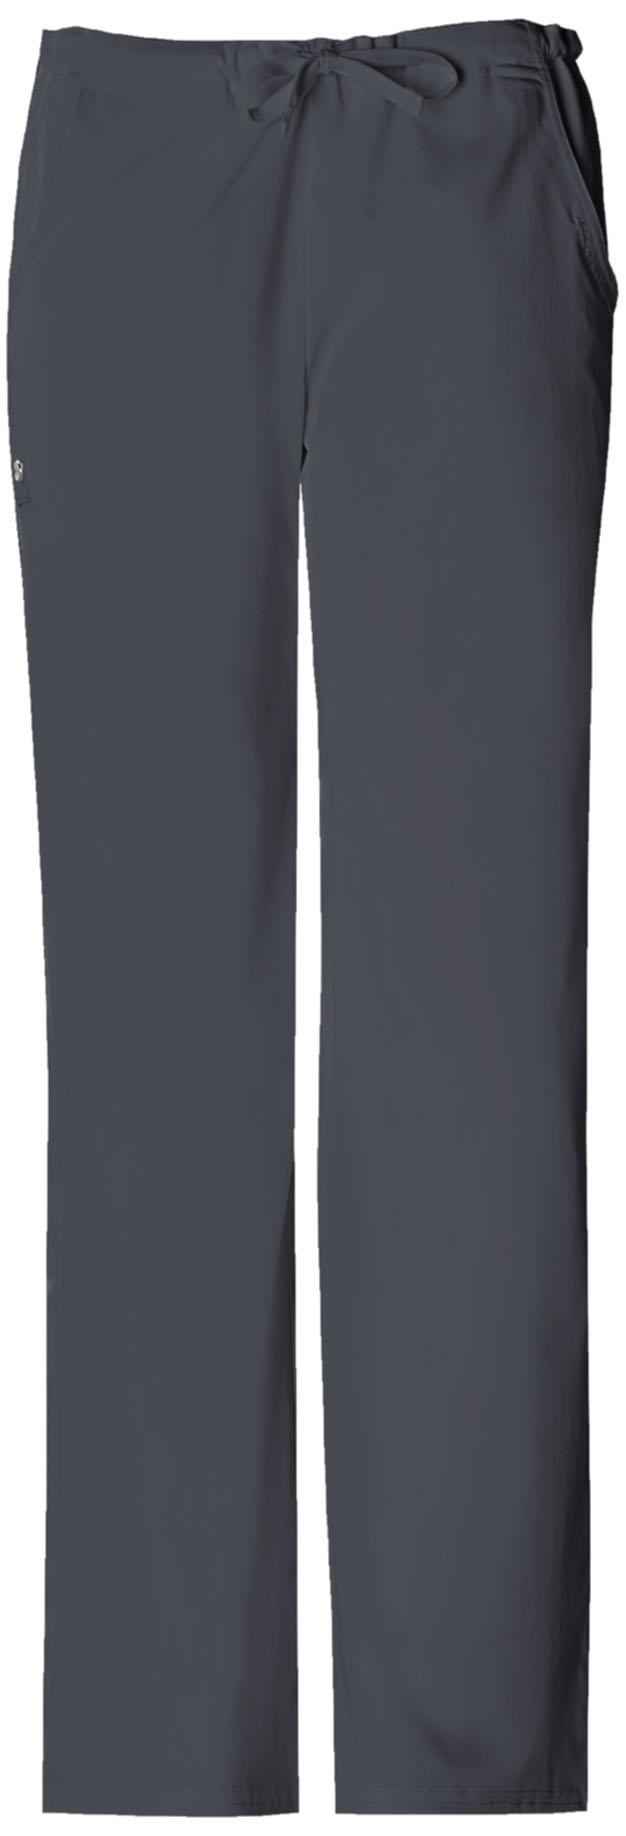 1066 - بنطلون ذو ساق مستقبمة و خصر منخفض الإرتفاع